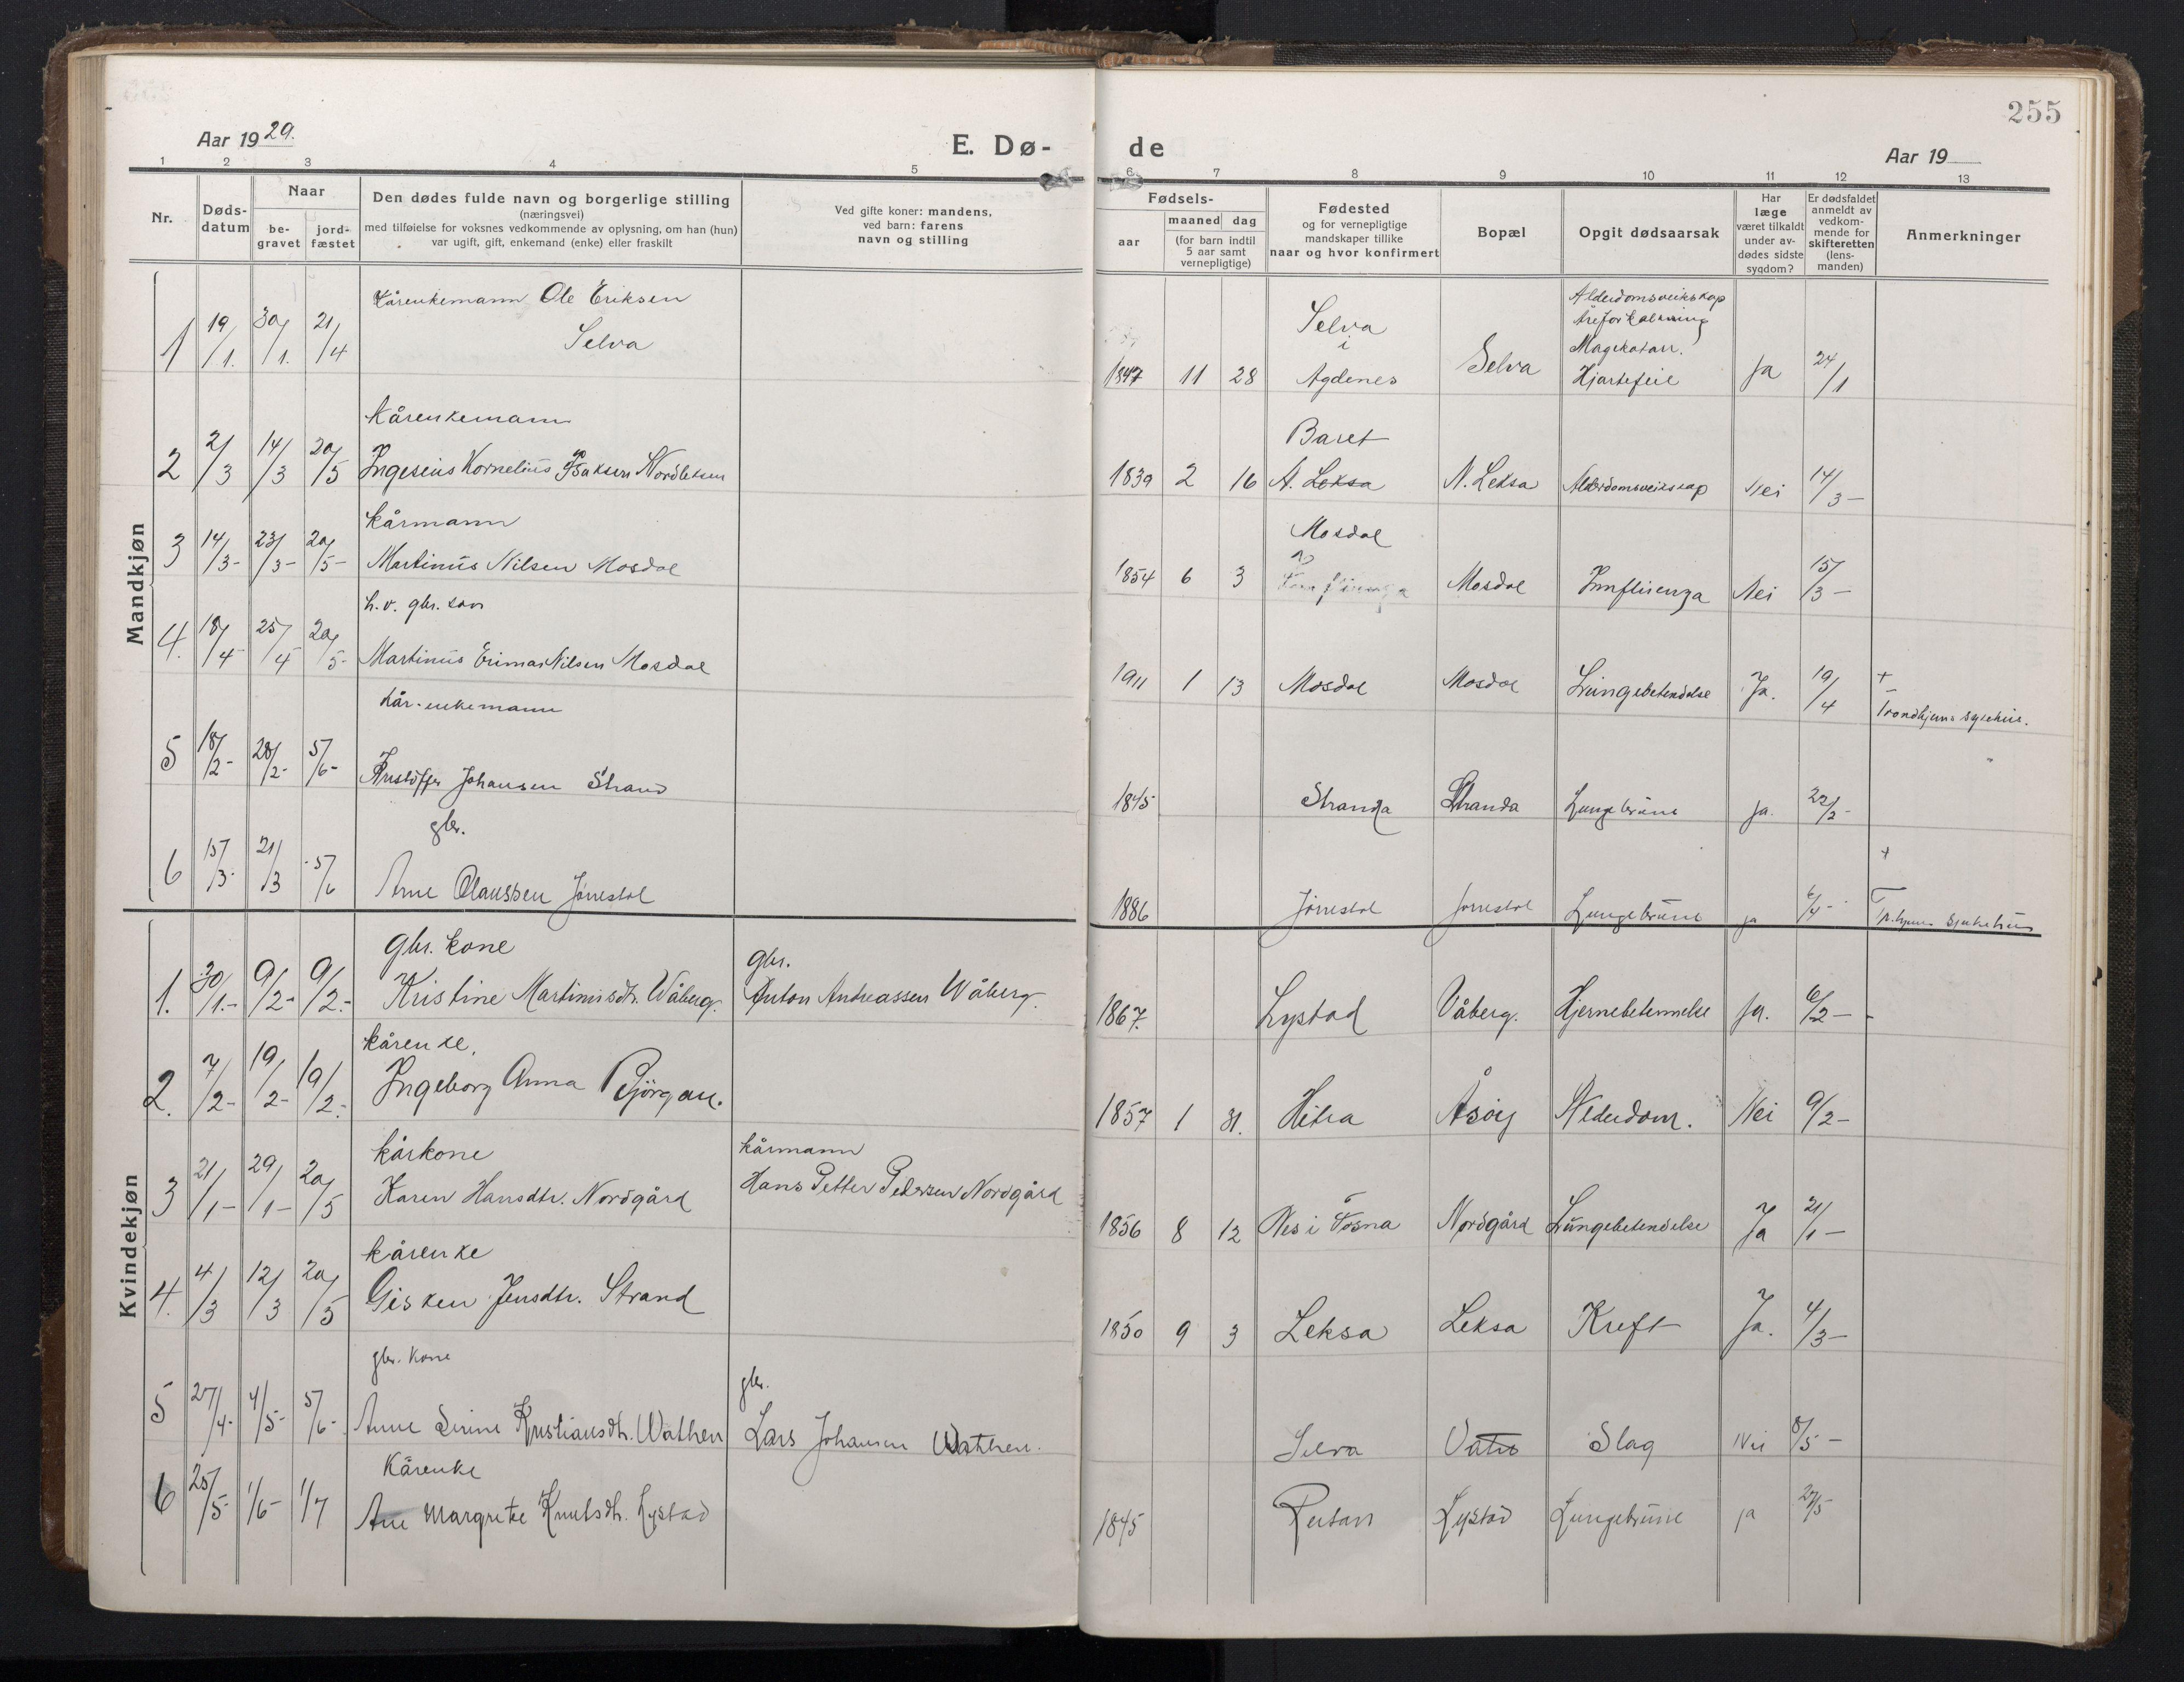 SAT, Ministerialprotokoller, klokkerbøker og fødselsregistre - Sør-Trøndelag, 662/L0758: Klokkerbok nr. 662C03, 1918-1948, s. 255